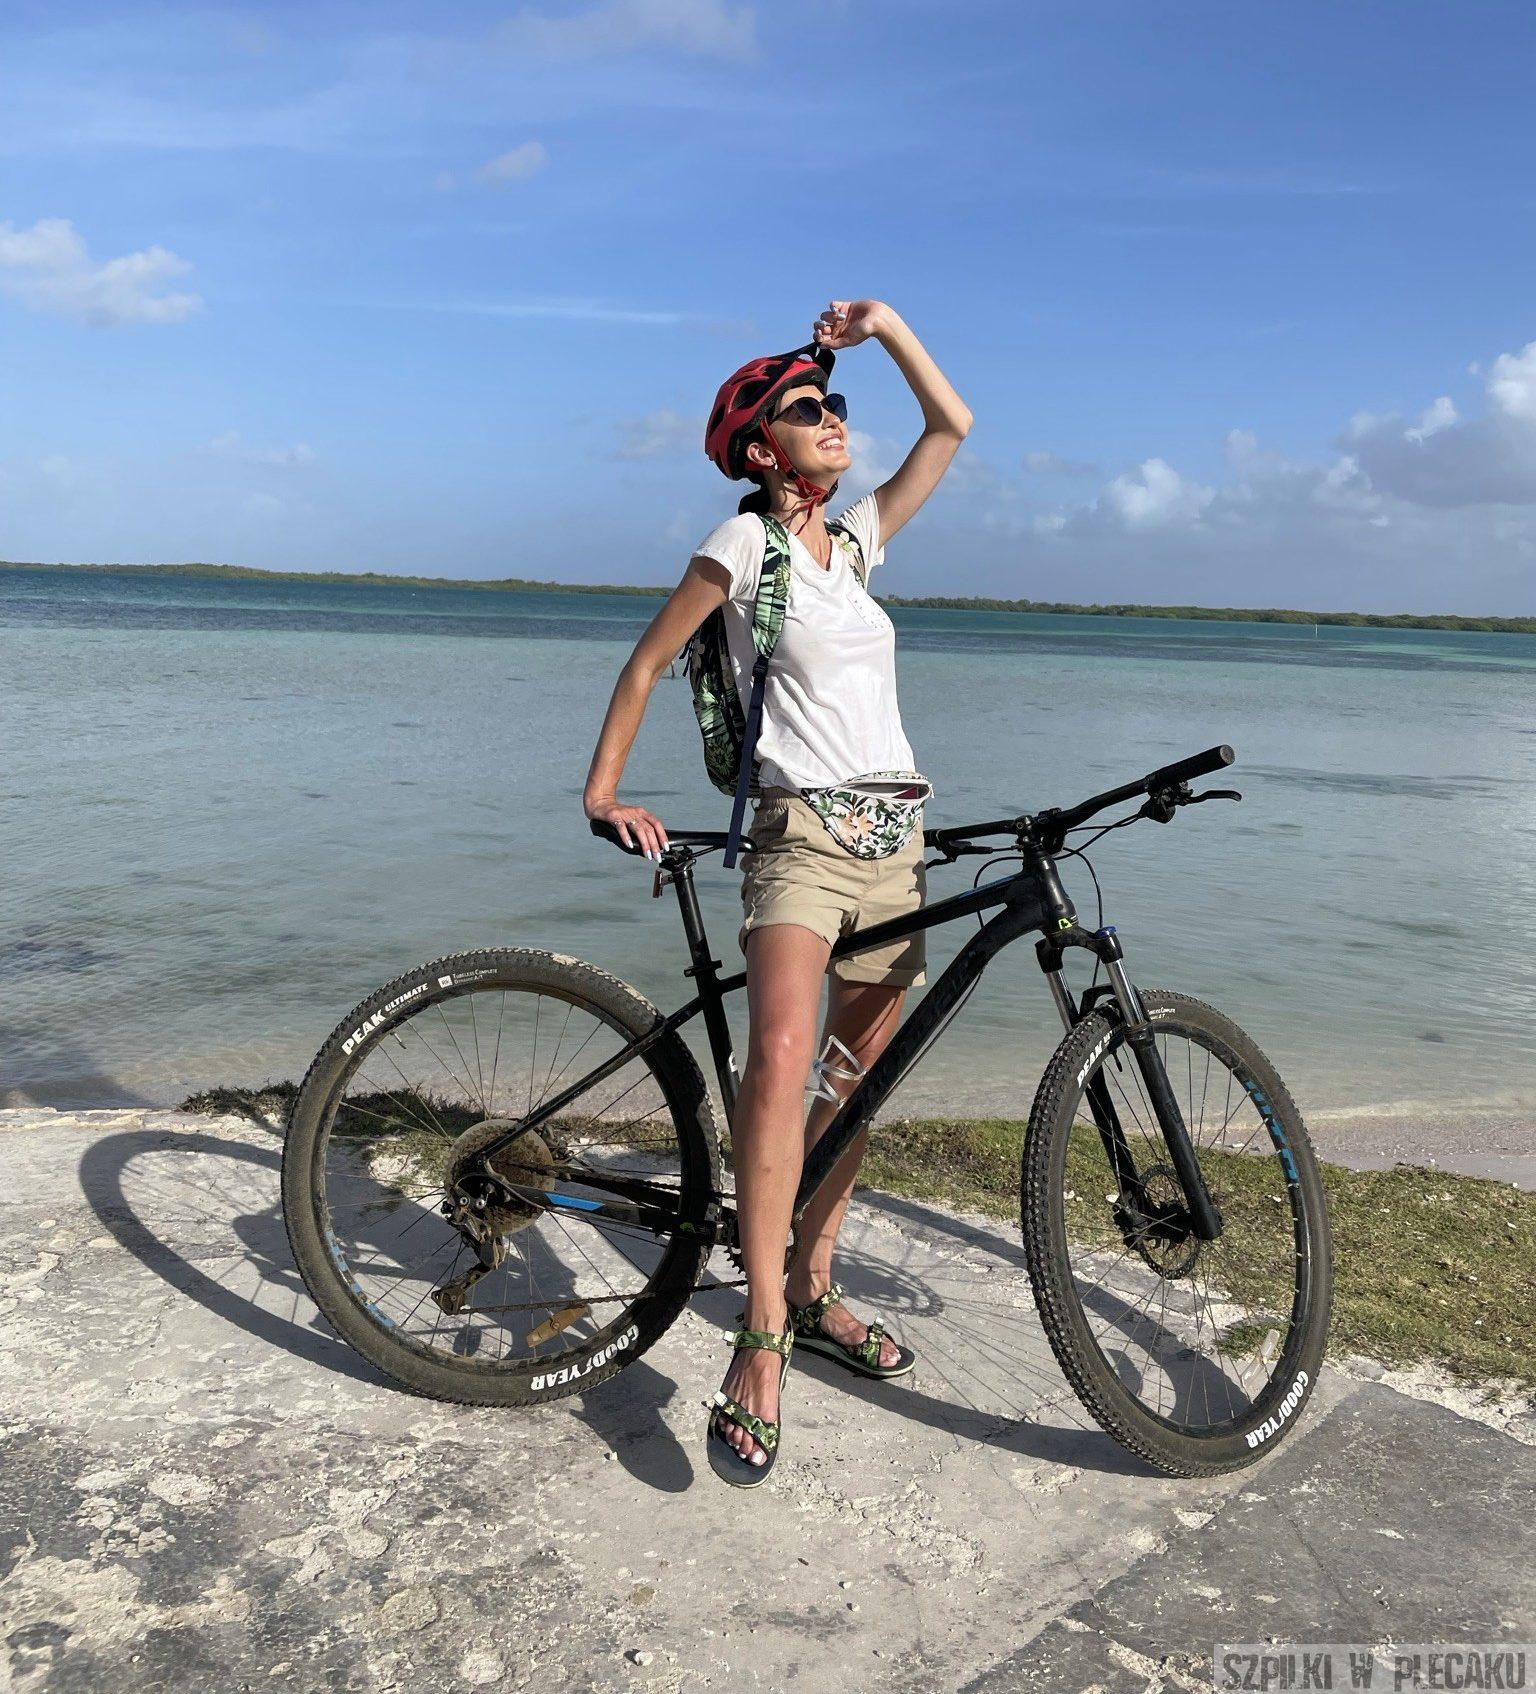 rowery - Bonaire - Szpilki w plecaku